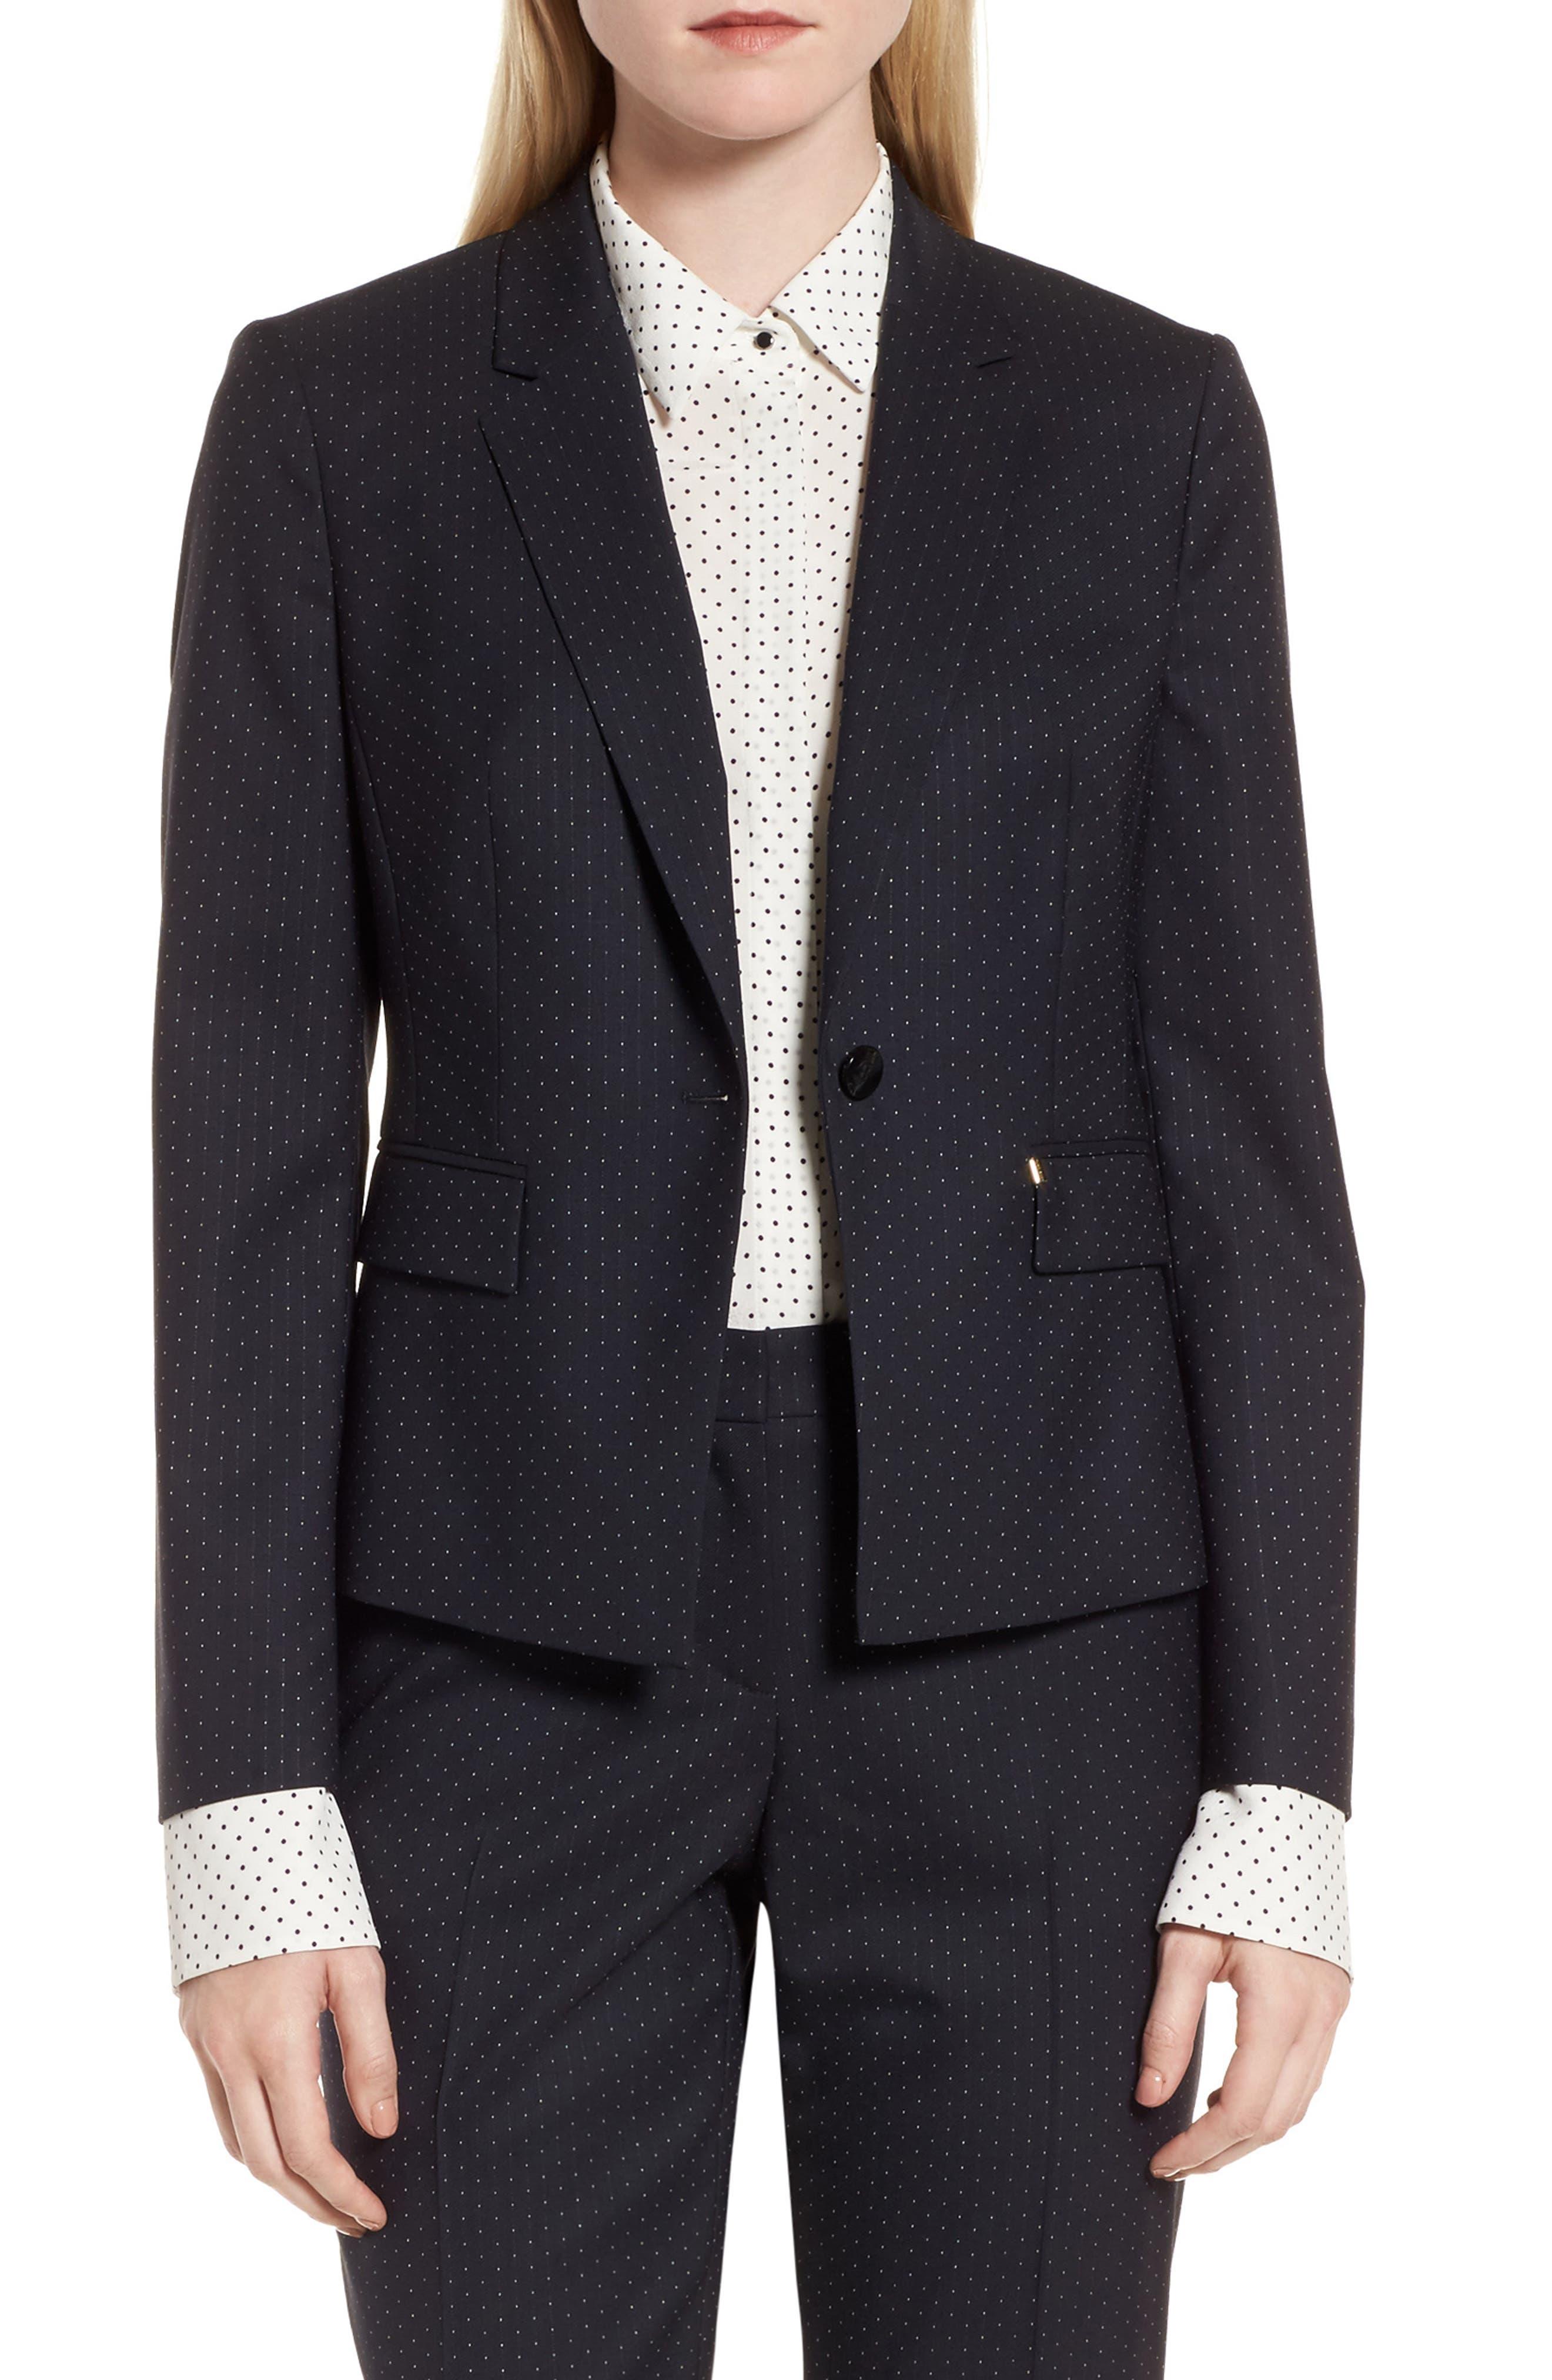 Alternate Image 1 Selected - BOSS Jinalika Wool Suit Jacket